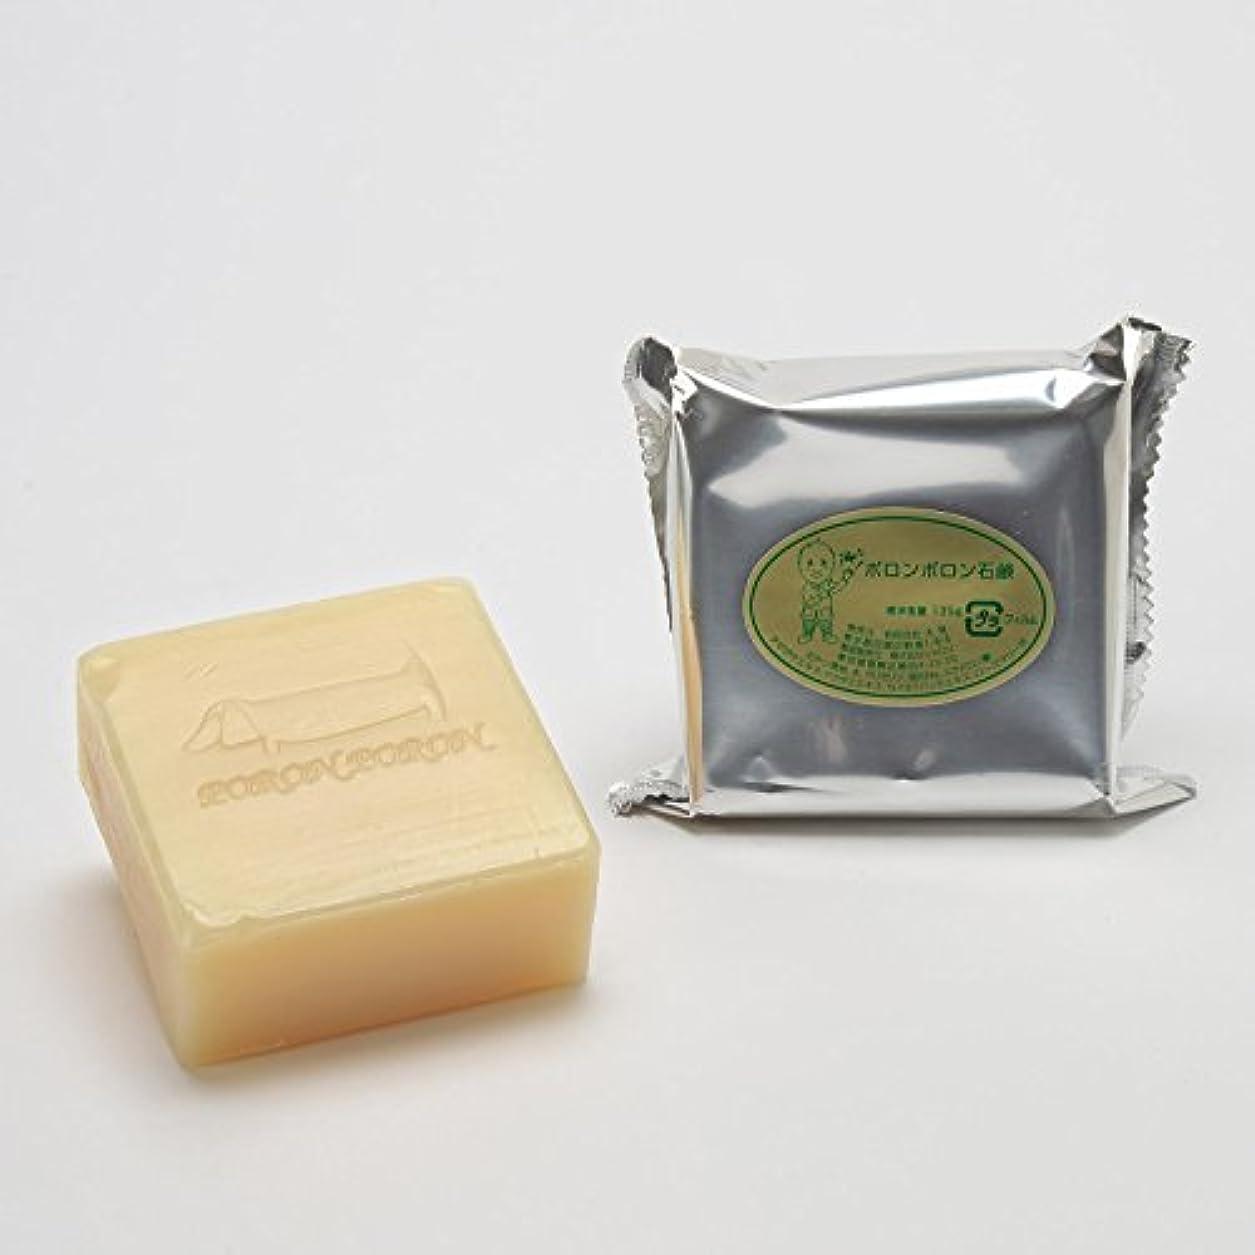 あるリットル意識的ポロンポロン石鹸